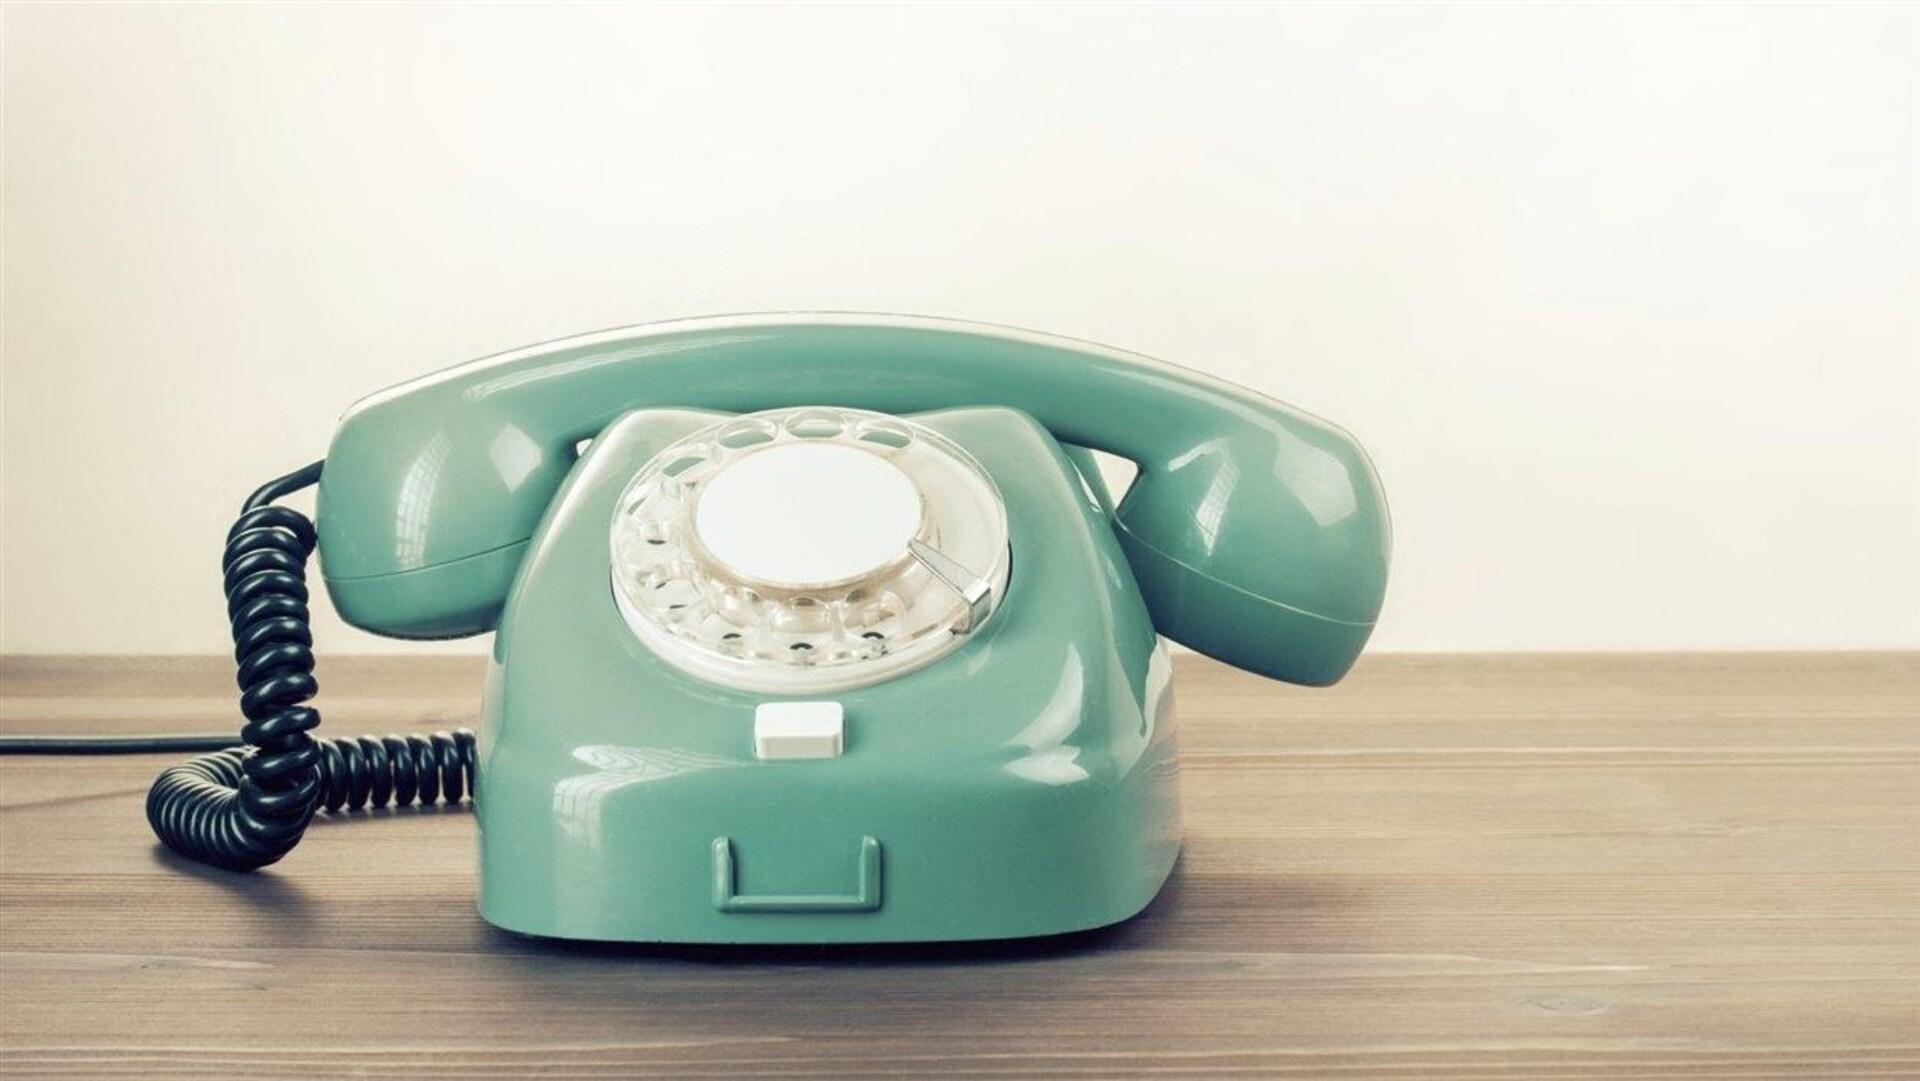 Un téléphone ancien vert posé sur une surface en bois.